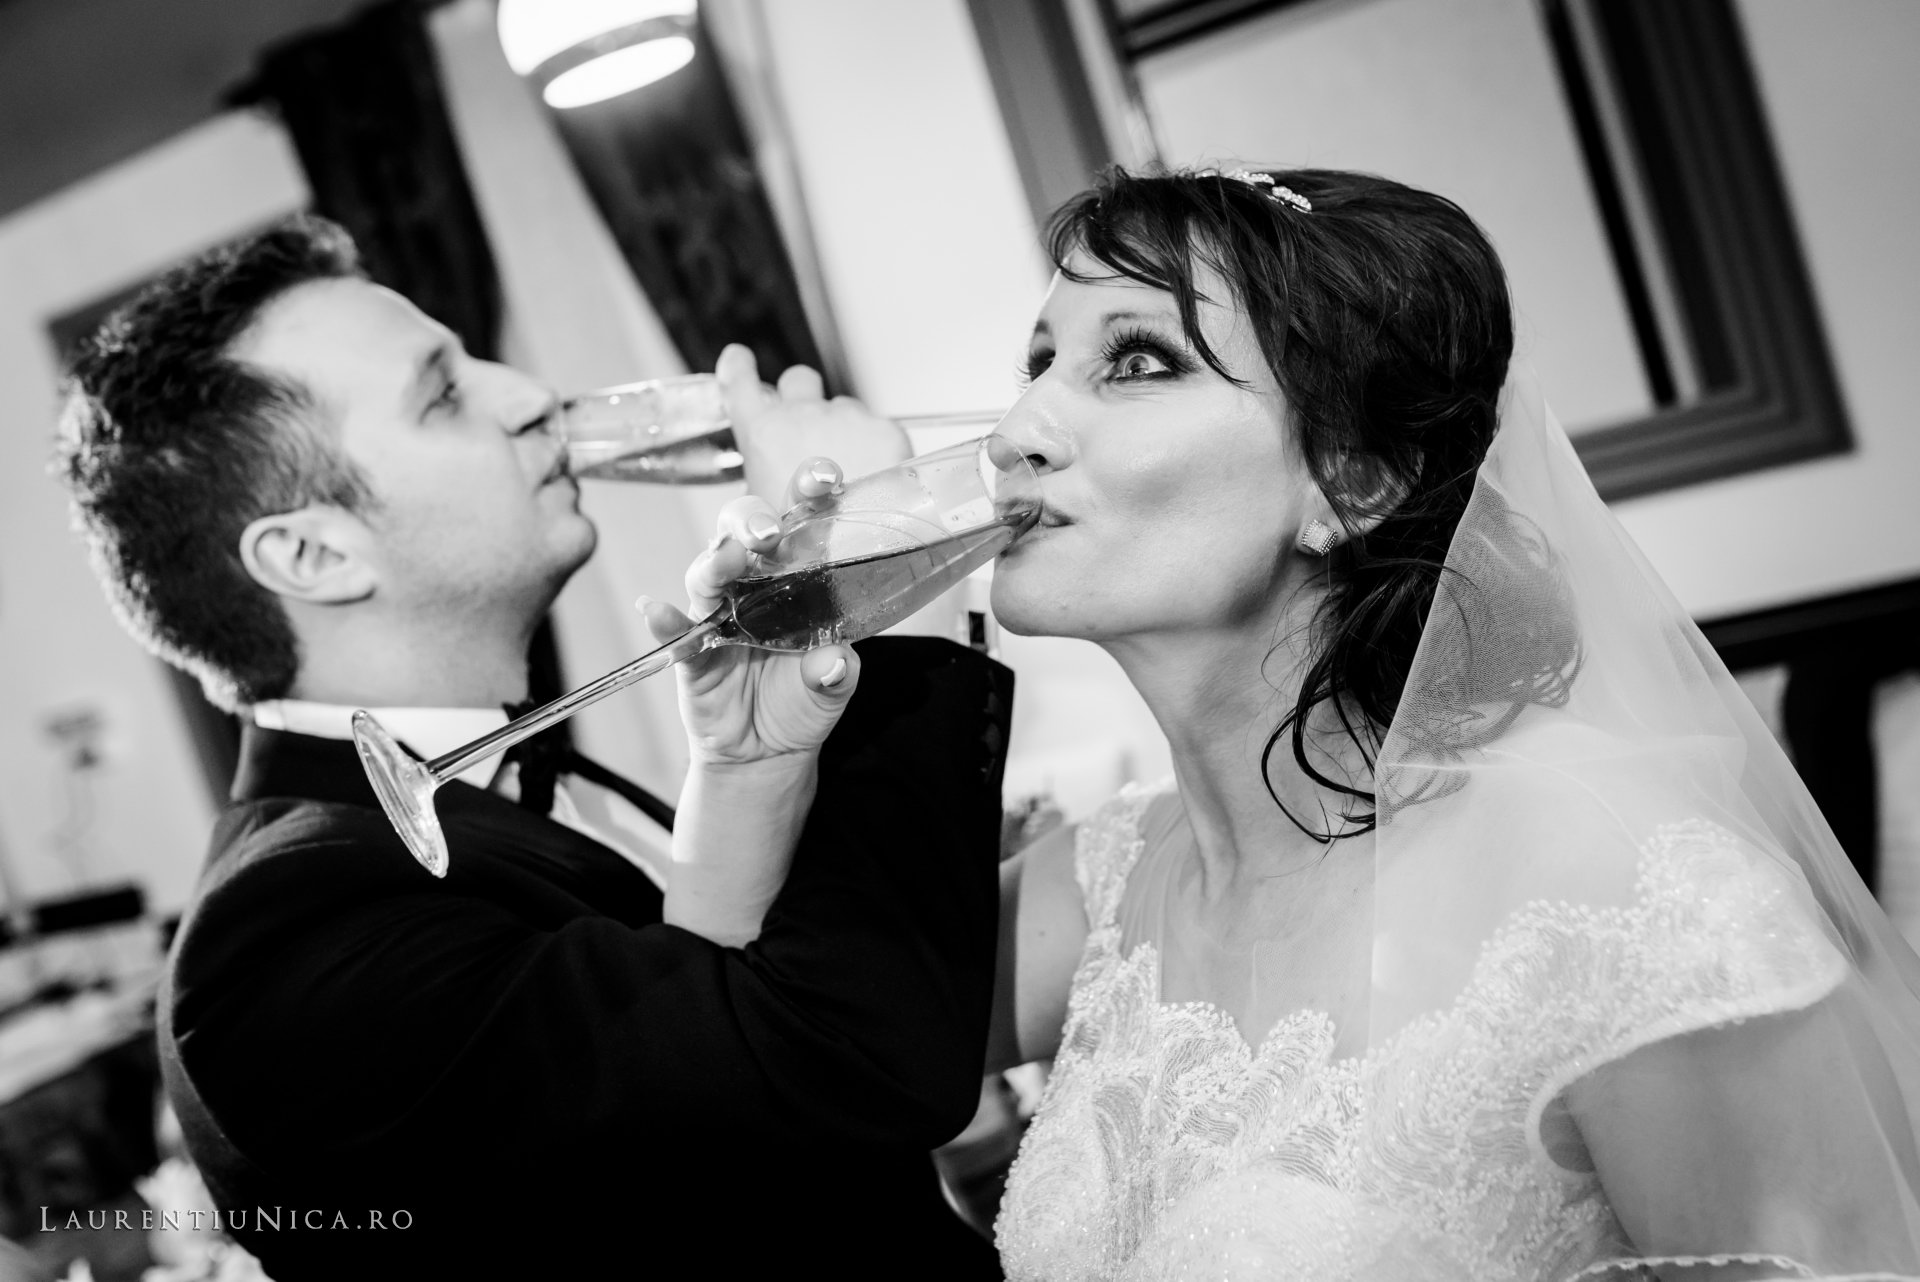 daniela si marius fotografii nunta craiova laurentiu nica65 - Daniela & Marius | Fotografii nunta